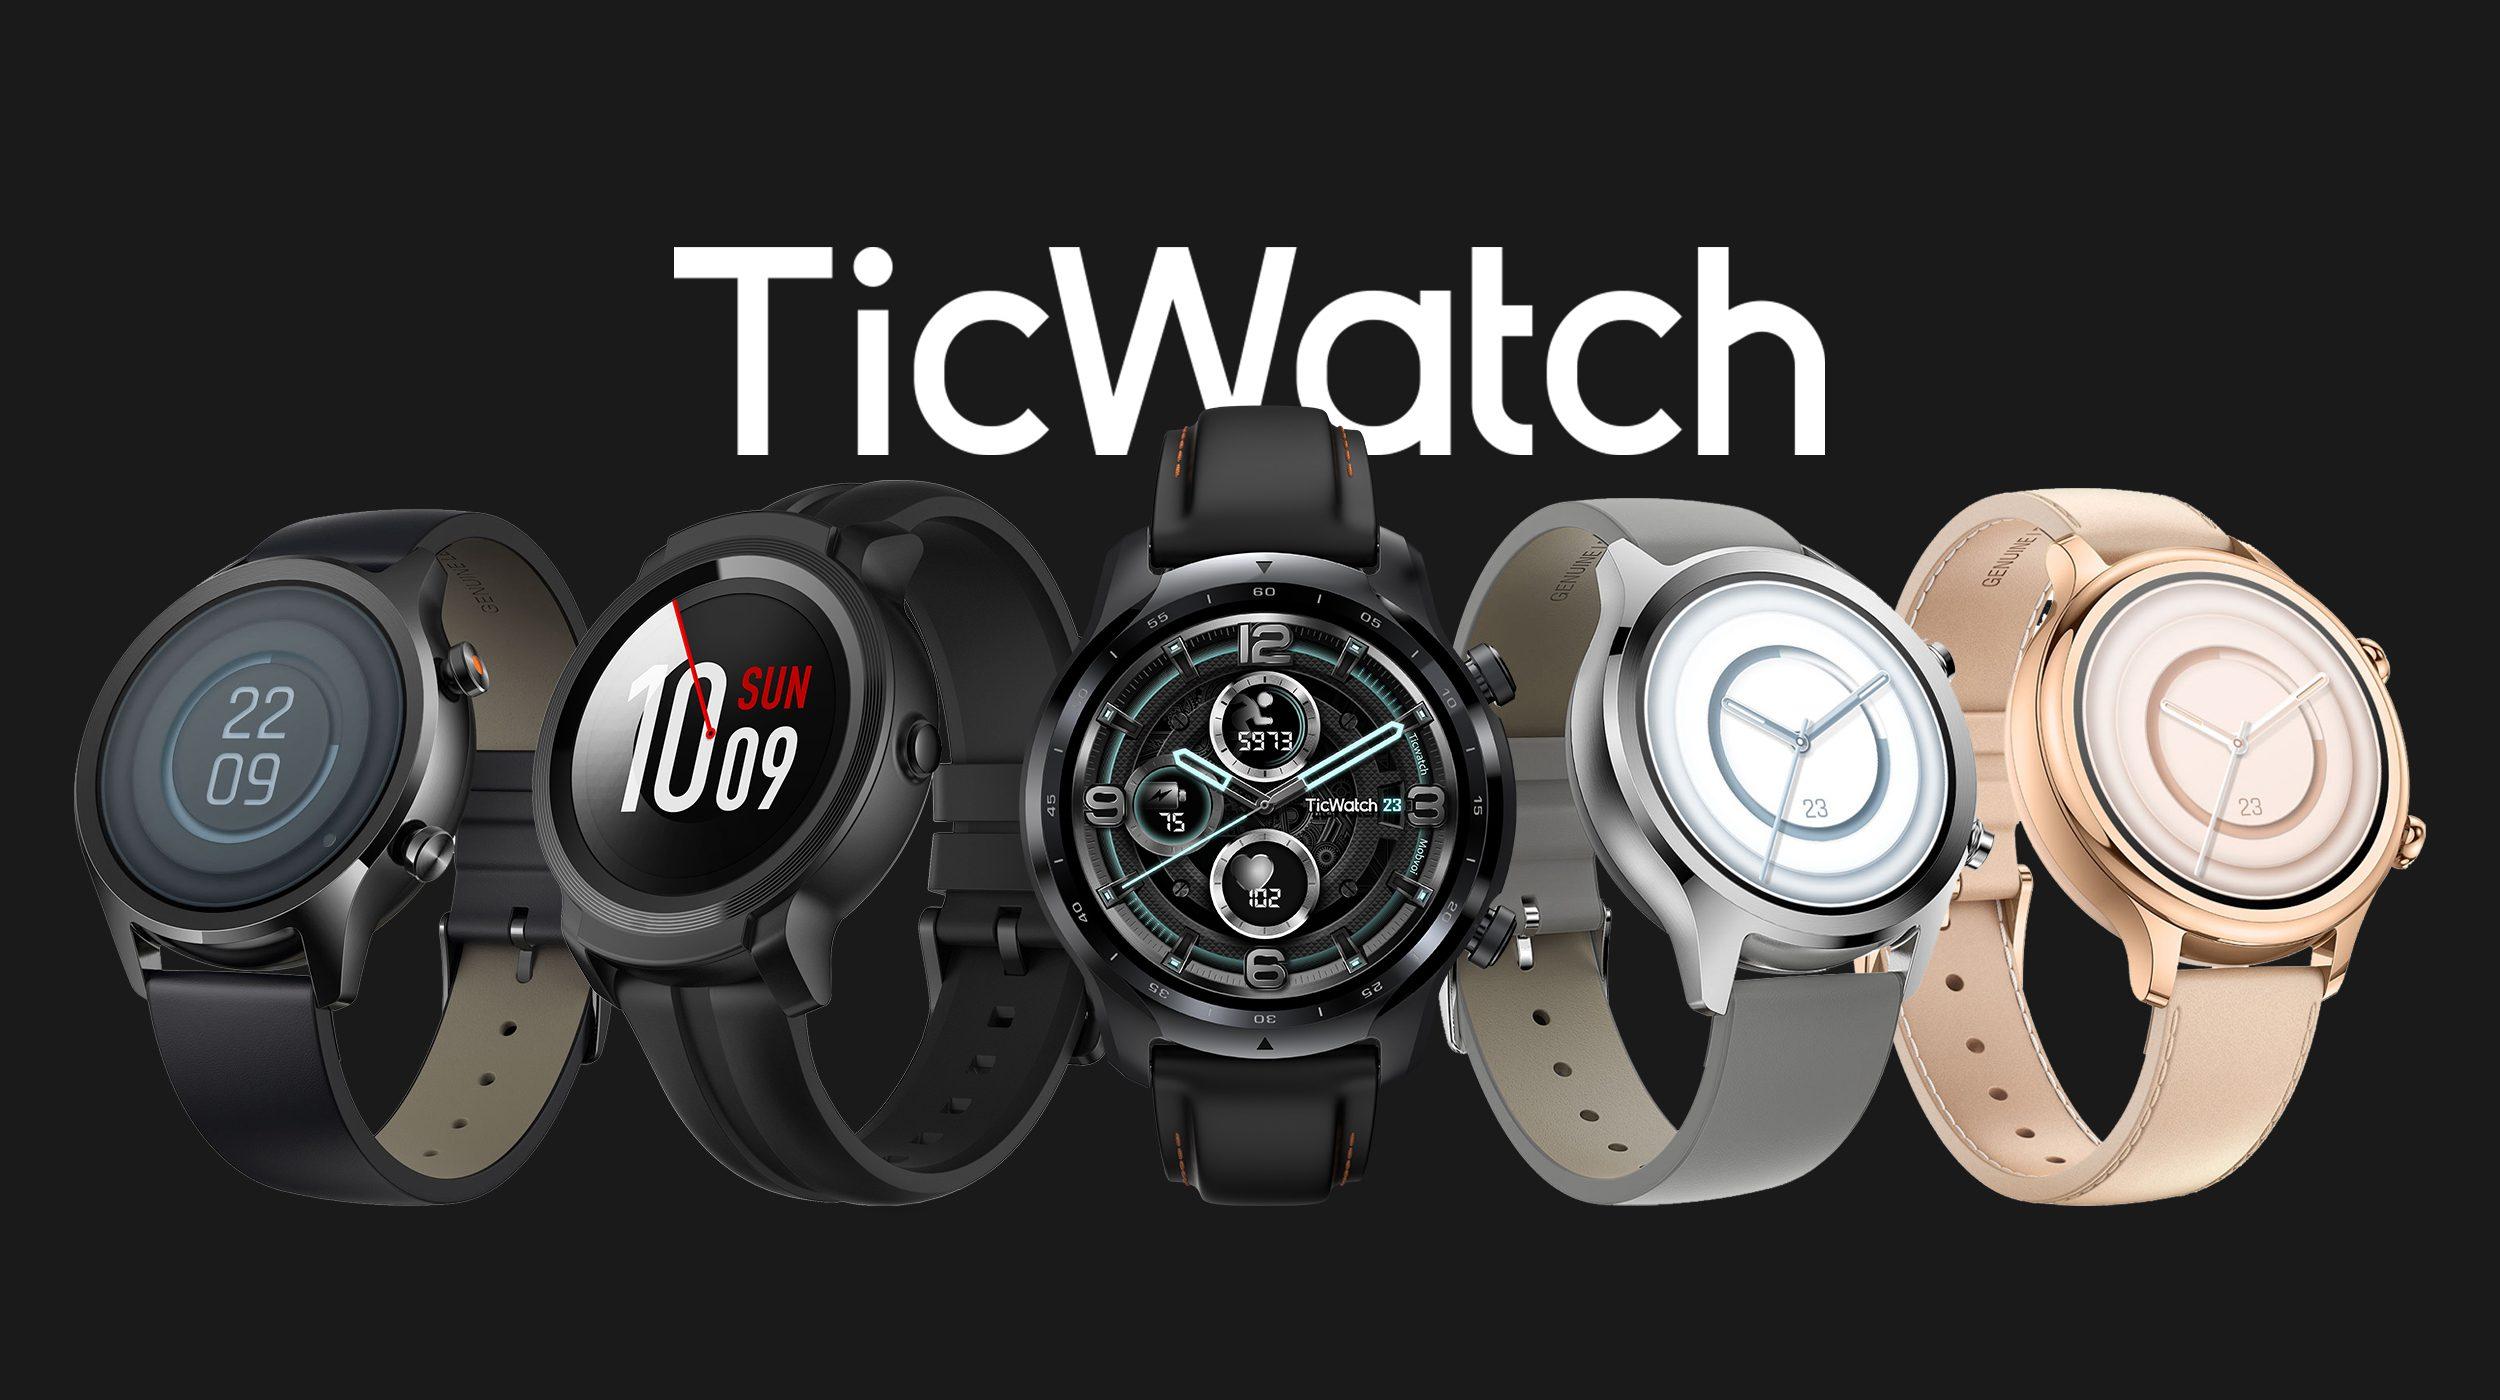 Моделите Ticwatch смарт часовници